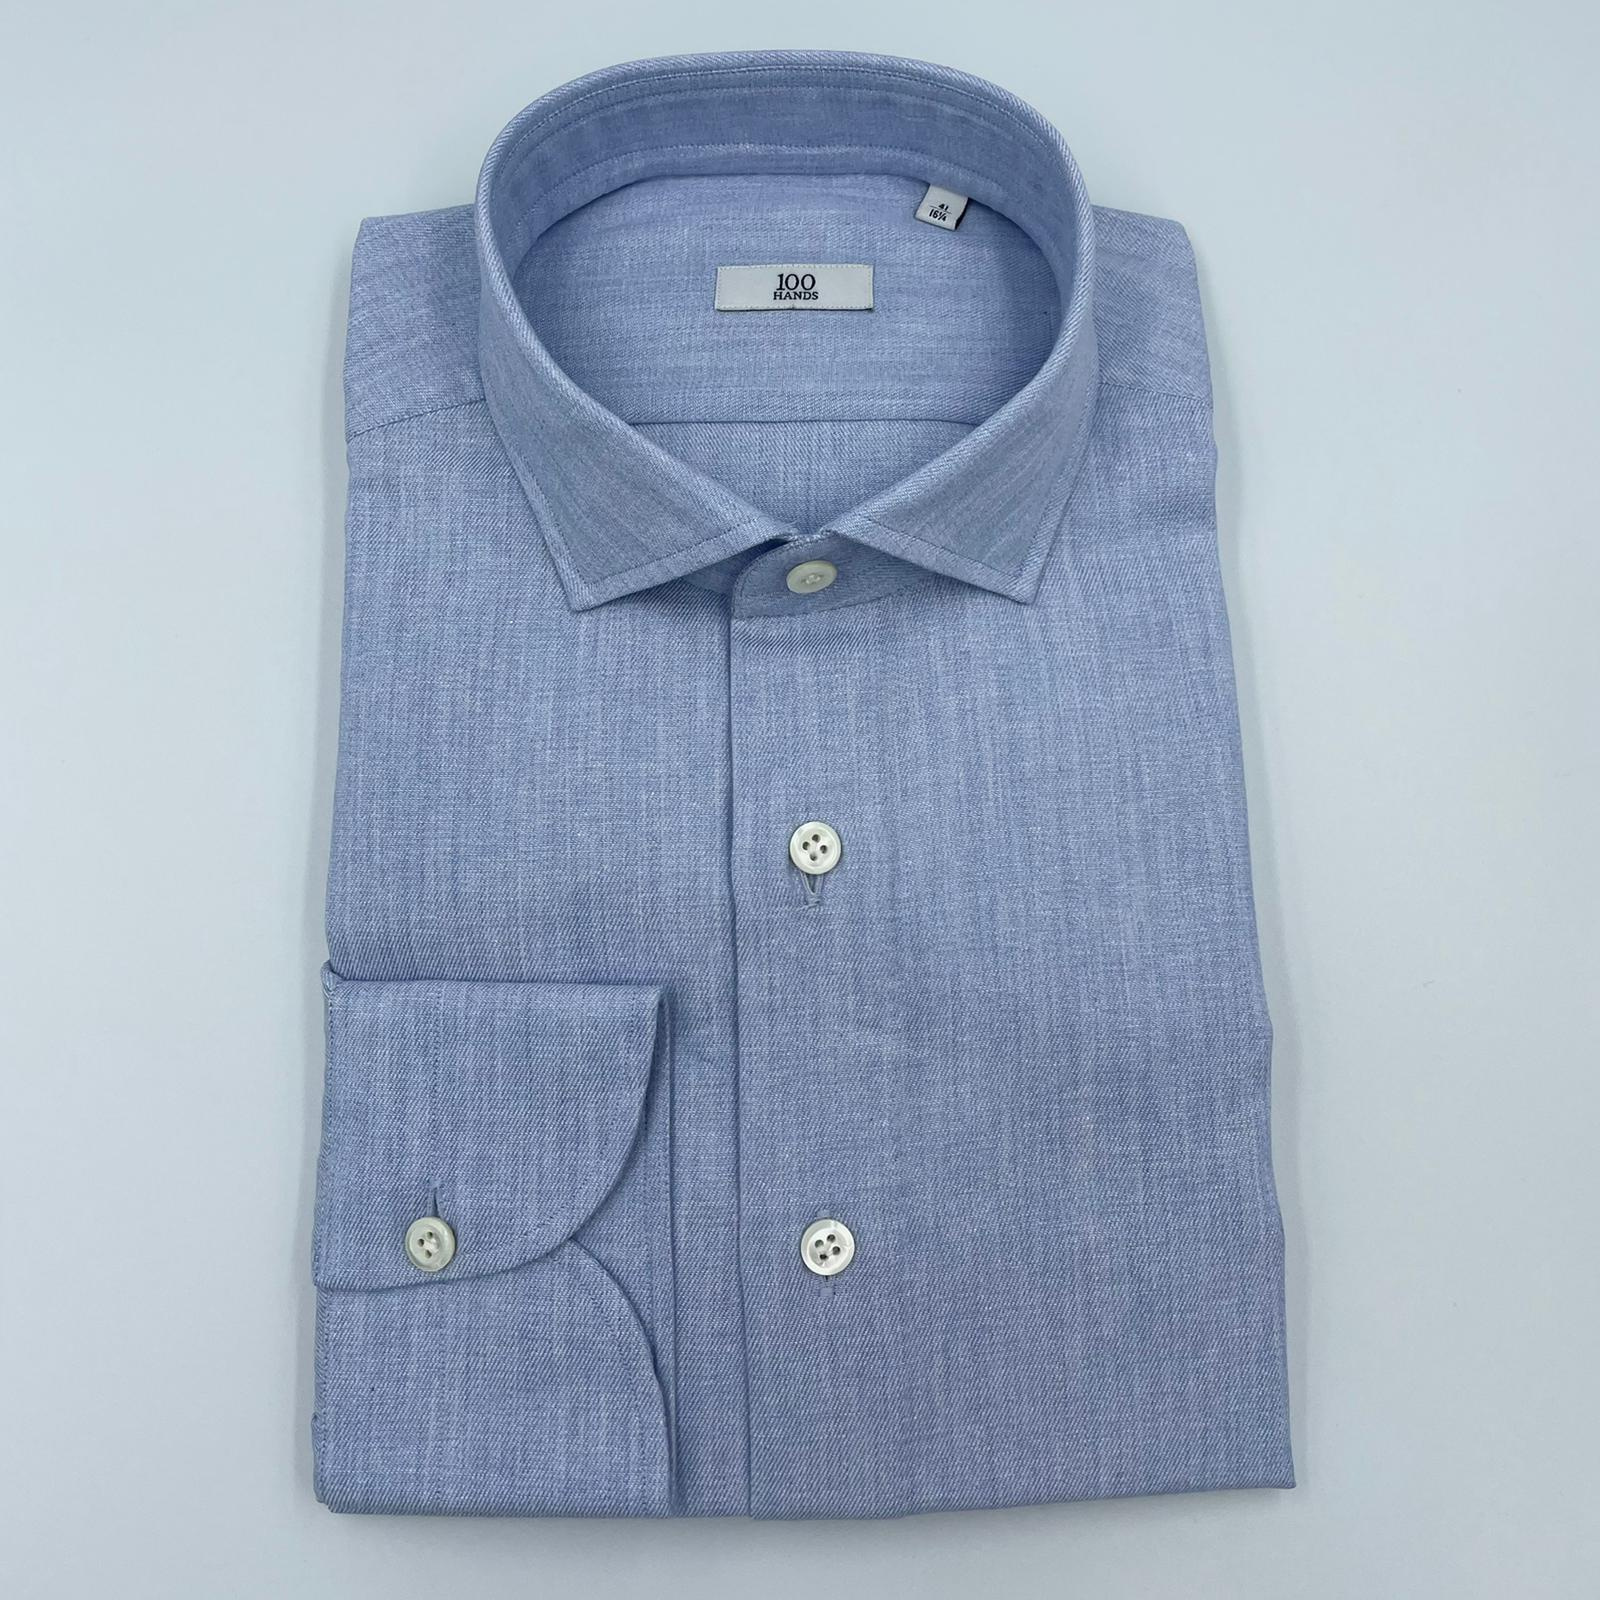 Foto van 100 Hands Light Blue Cotton Shirt